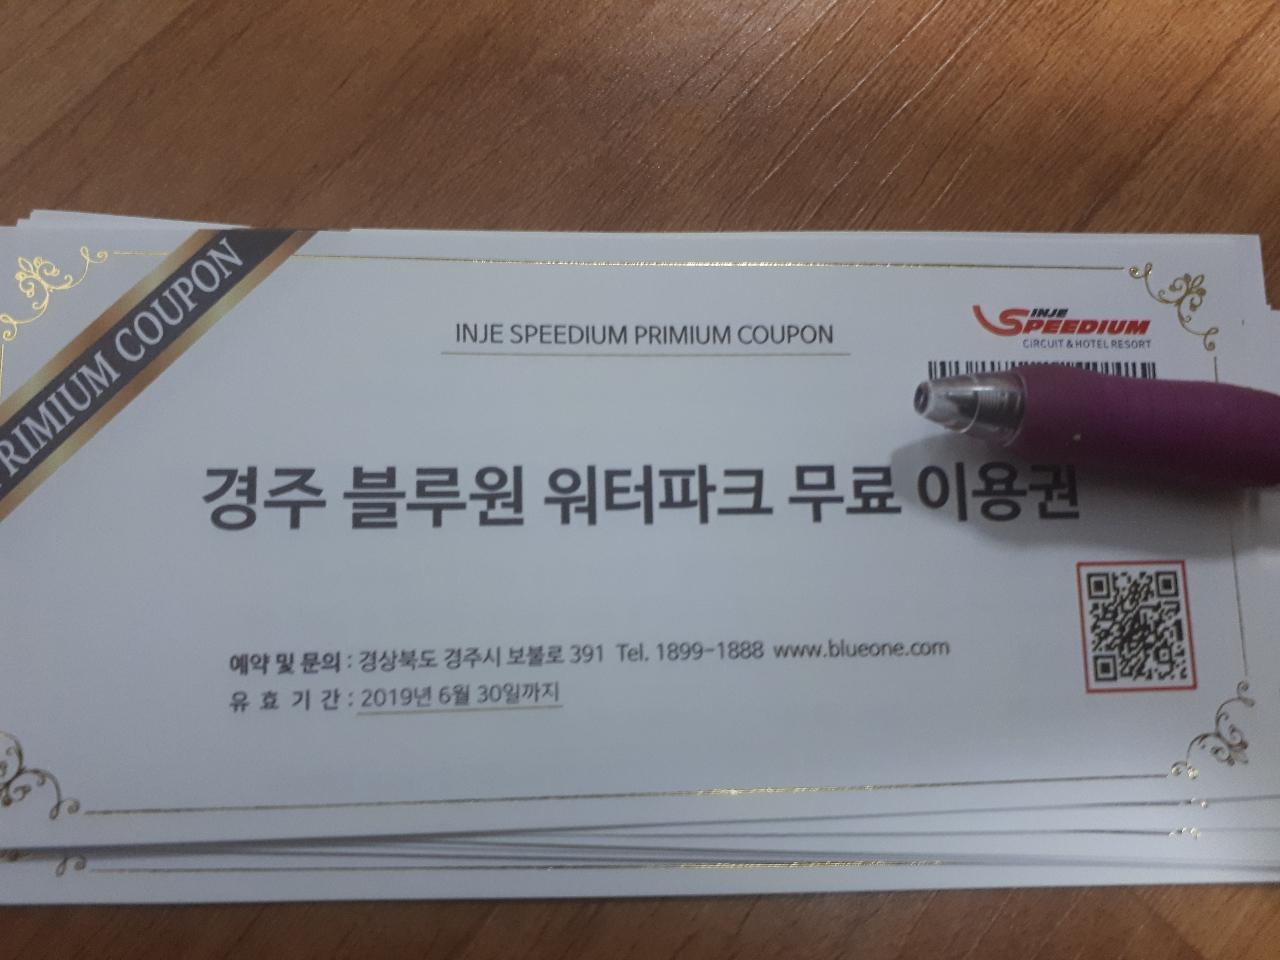 경주블루원워터파크입장권